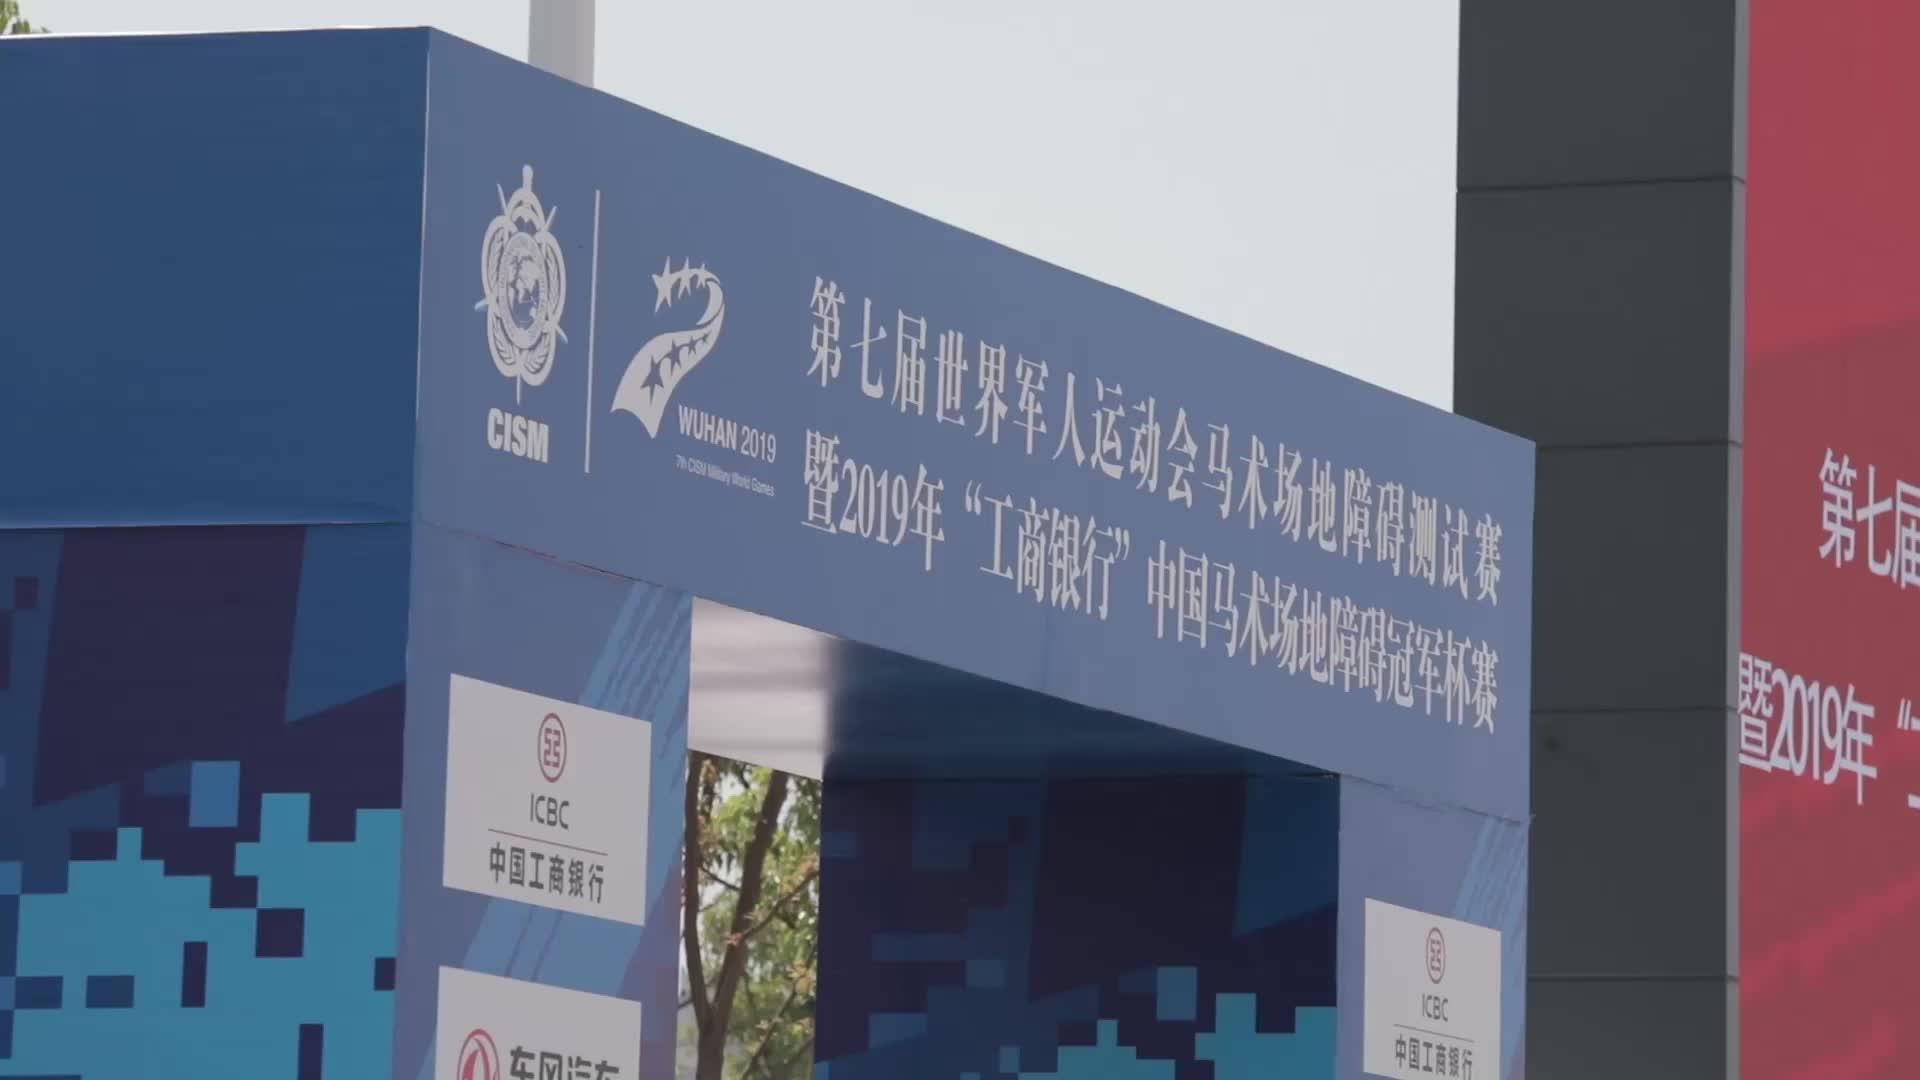 百名骑手聚集武汉 军运会马术场地障碍测试赛开赛